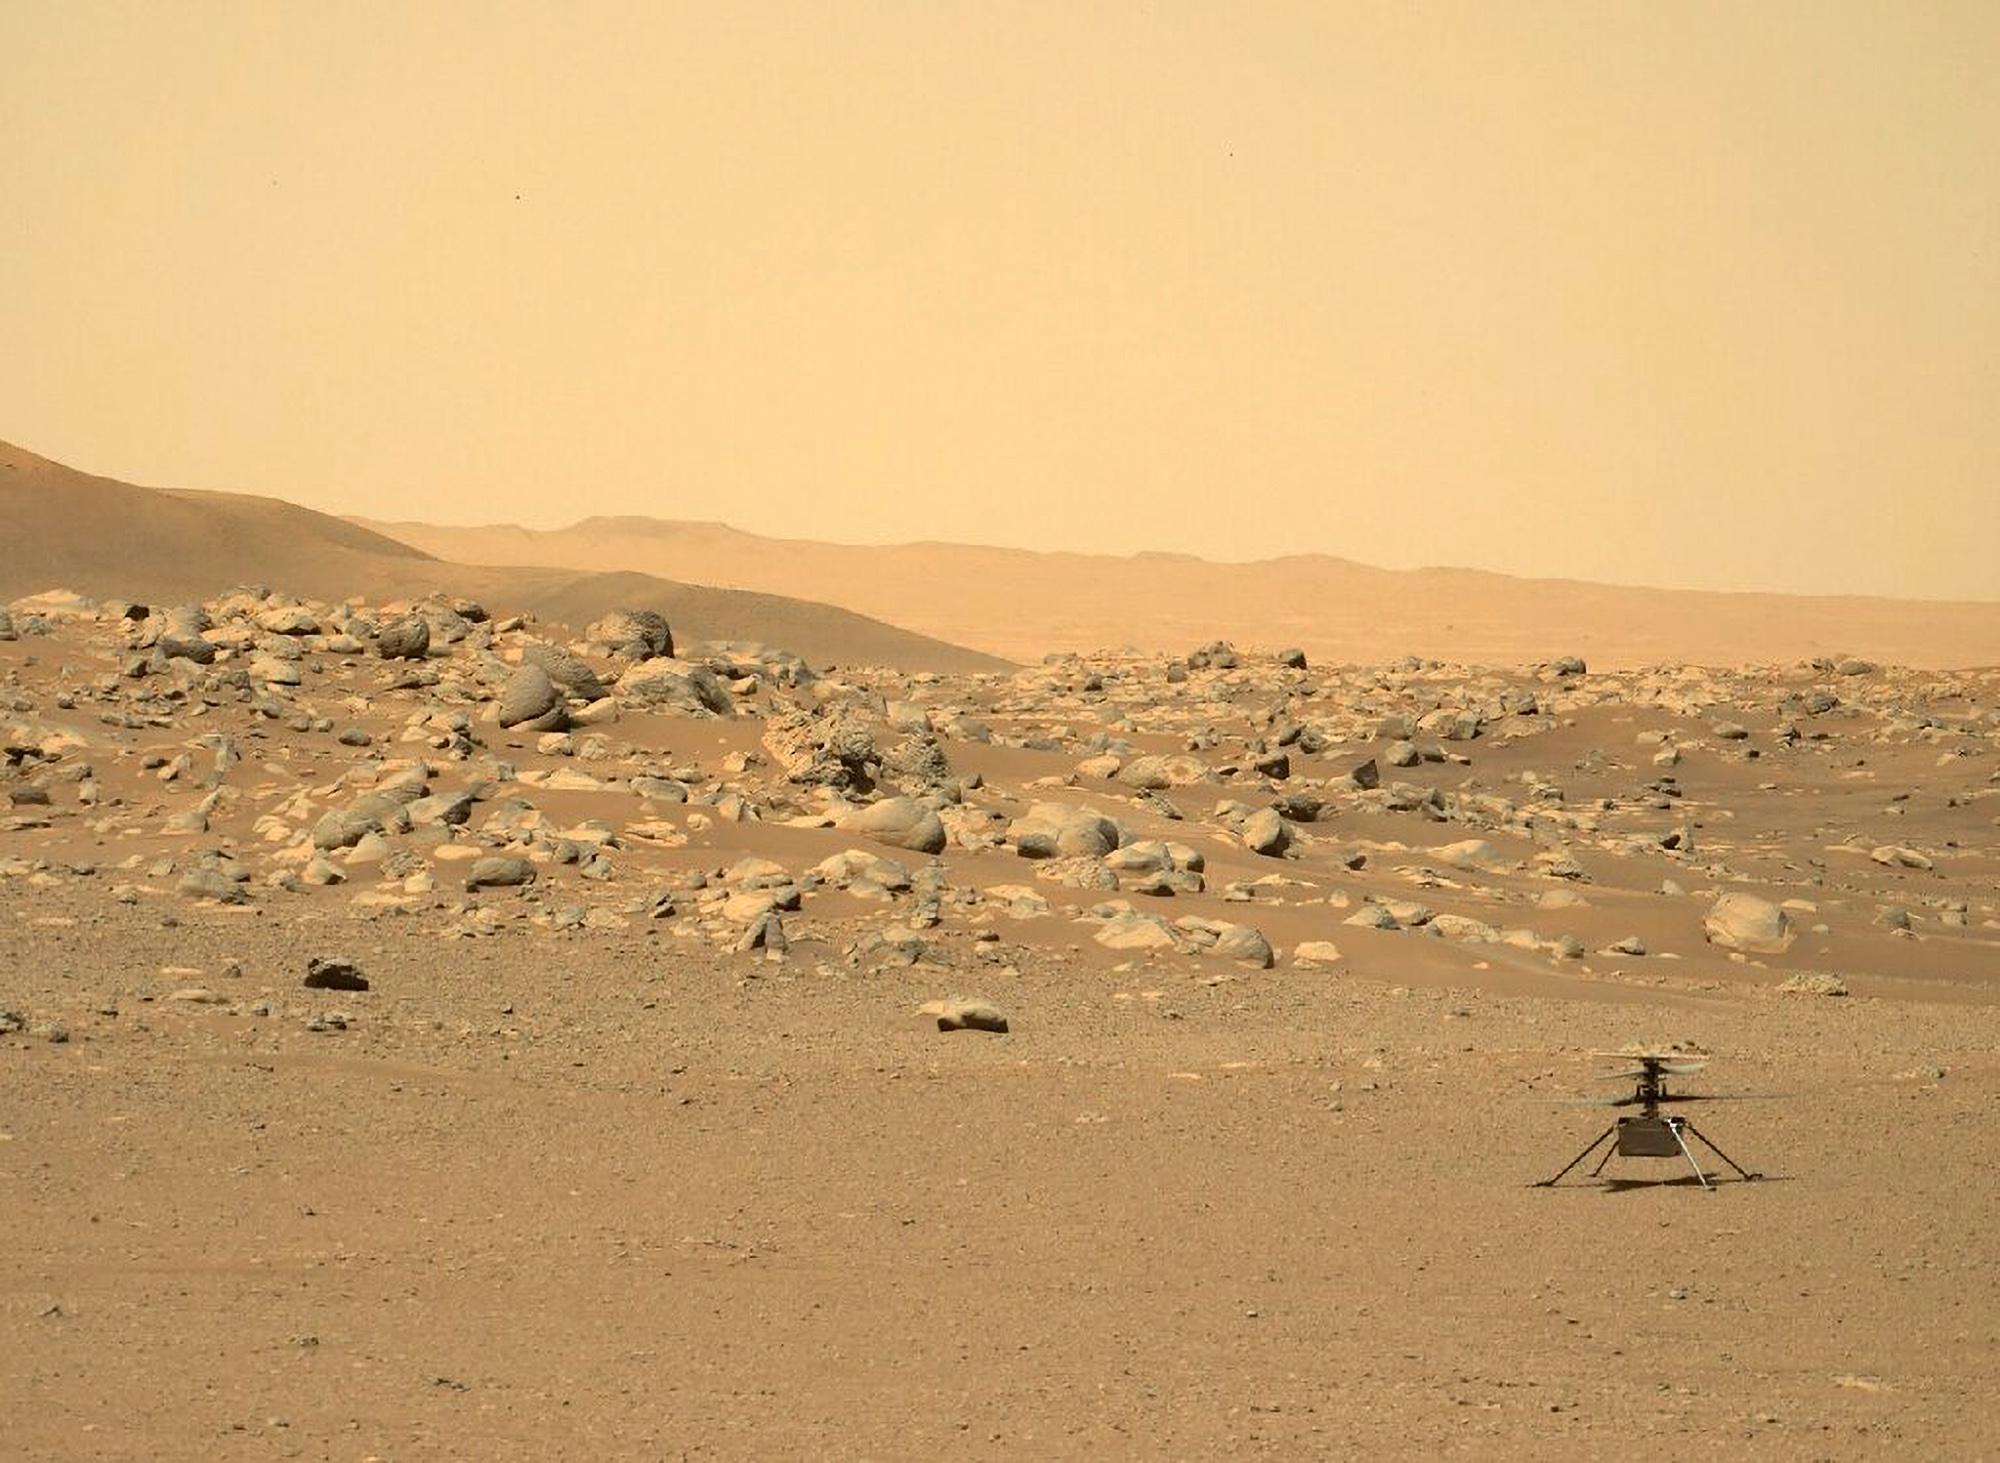 Contra lo pronosticado, el helicóptero Ingenuity de la NASA continúa su misión tras 6 meses en Marte